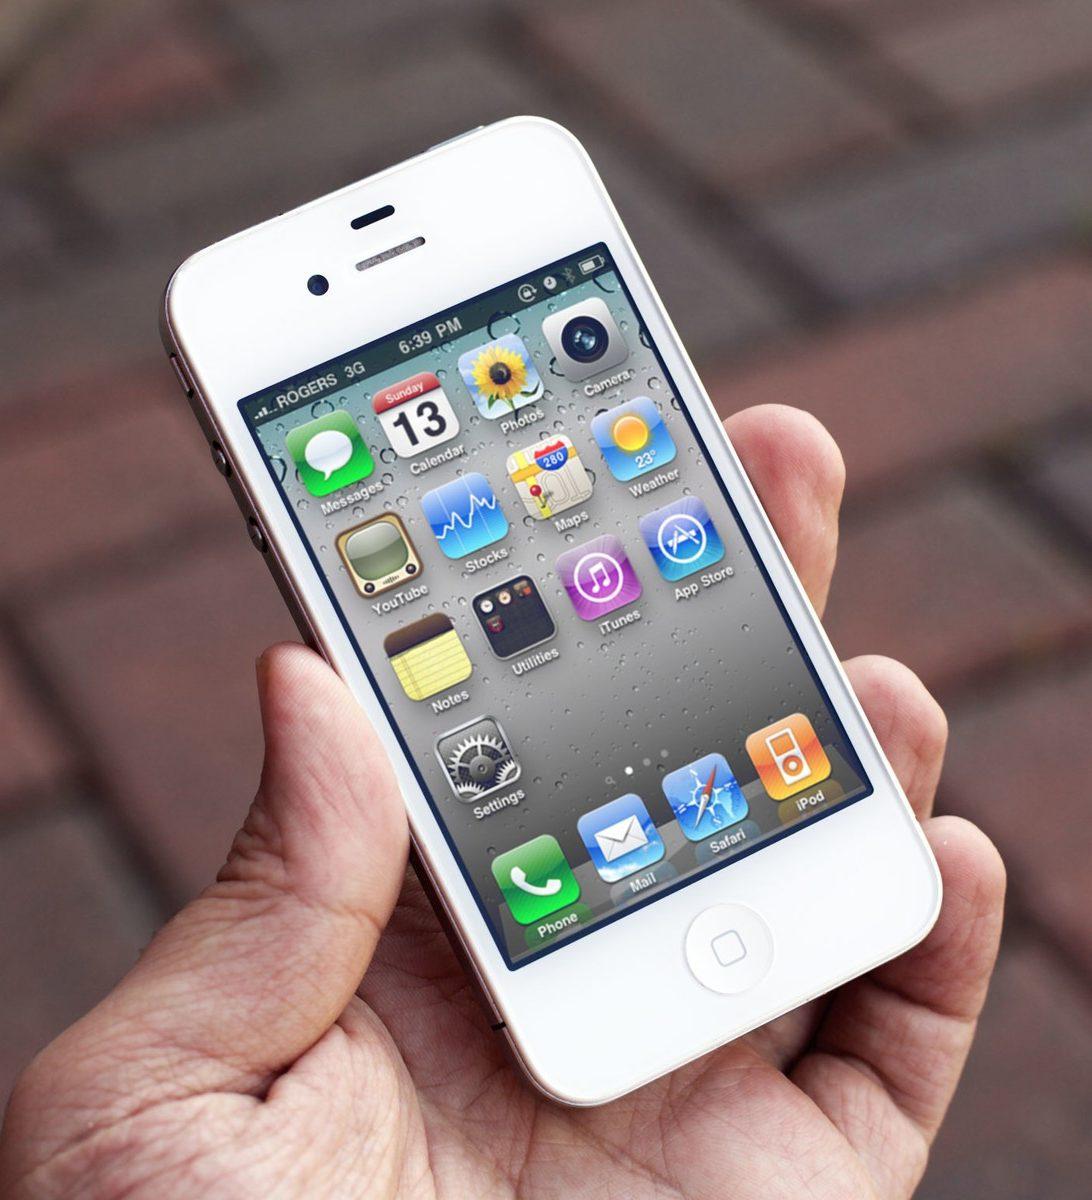 Dịch vụ thay mặt kính iPhone 4, 4S nhanh chóng, uy tín tại trung tâm Caremobile